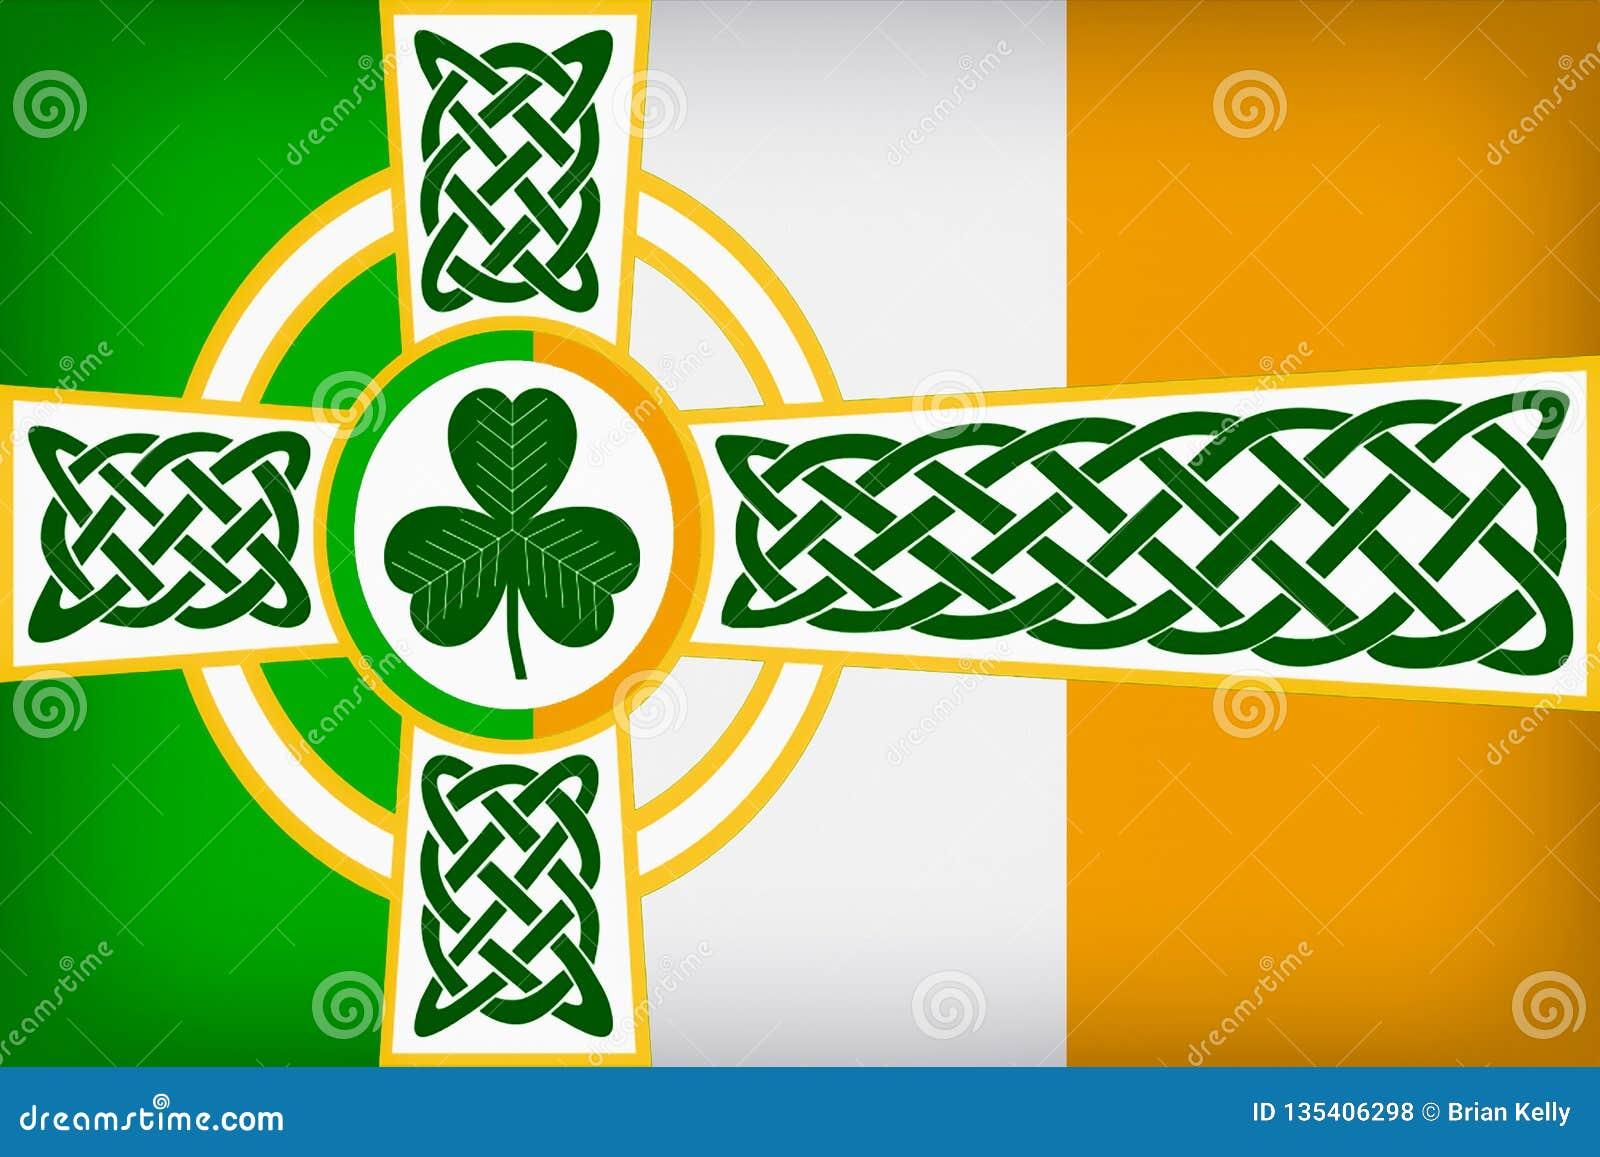 凯尔特爱尔兰旗子设计